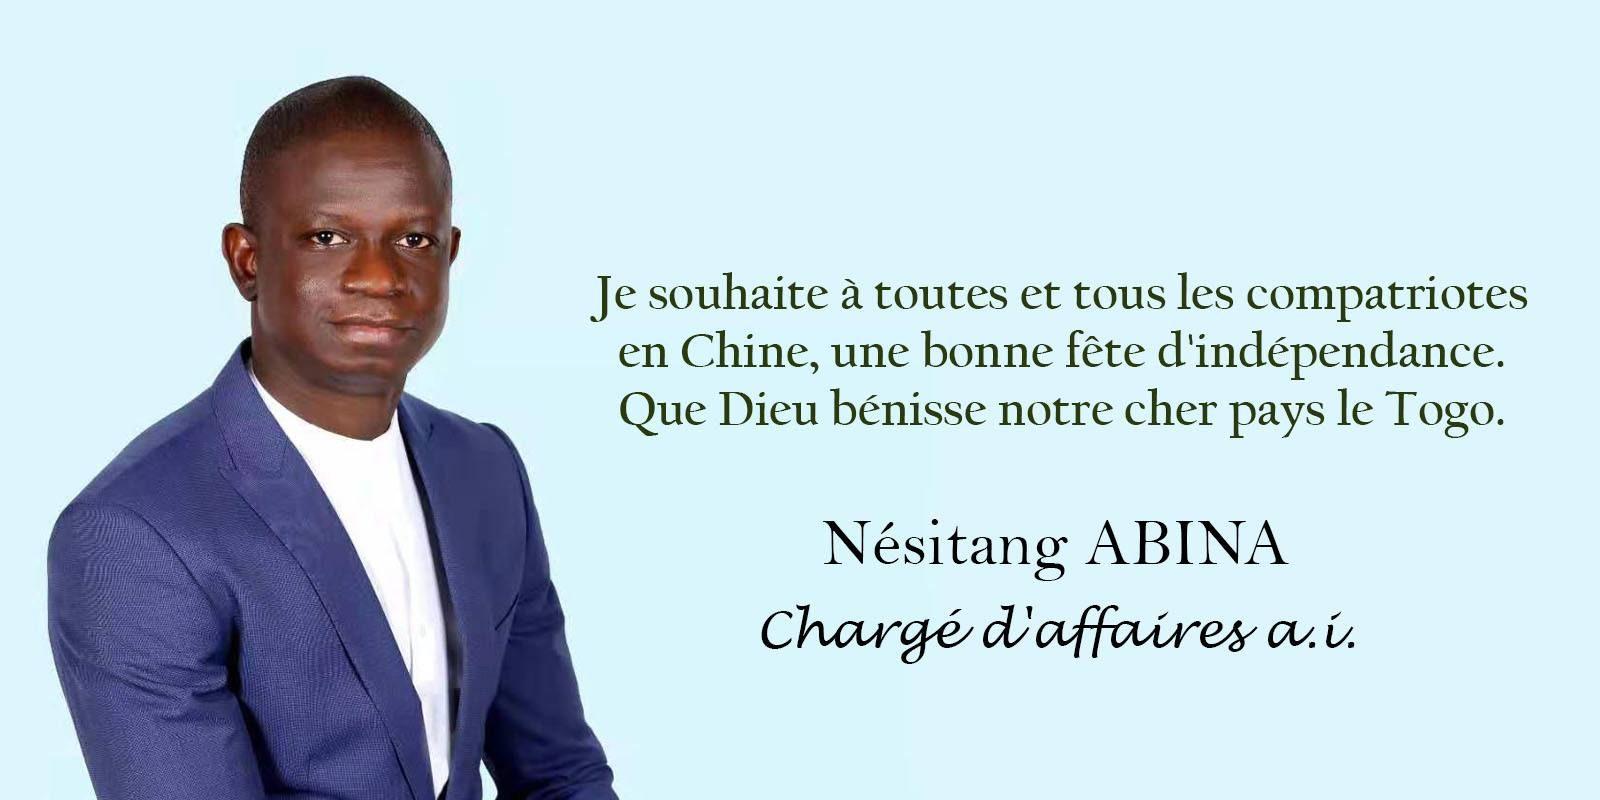 61 Anniversary of Togo